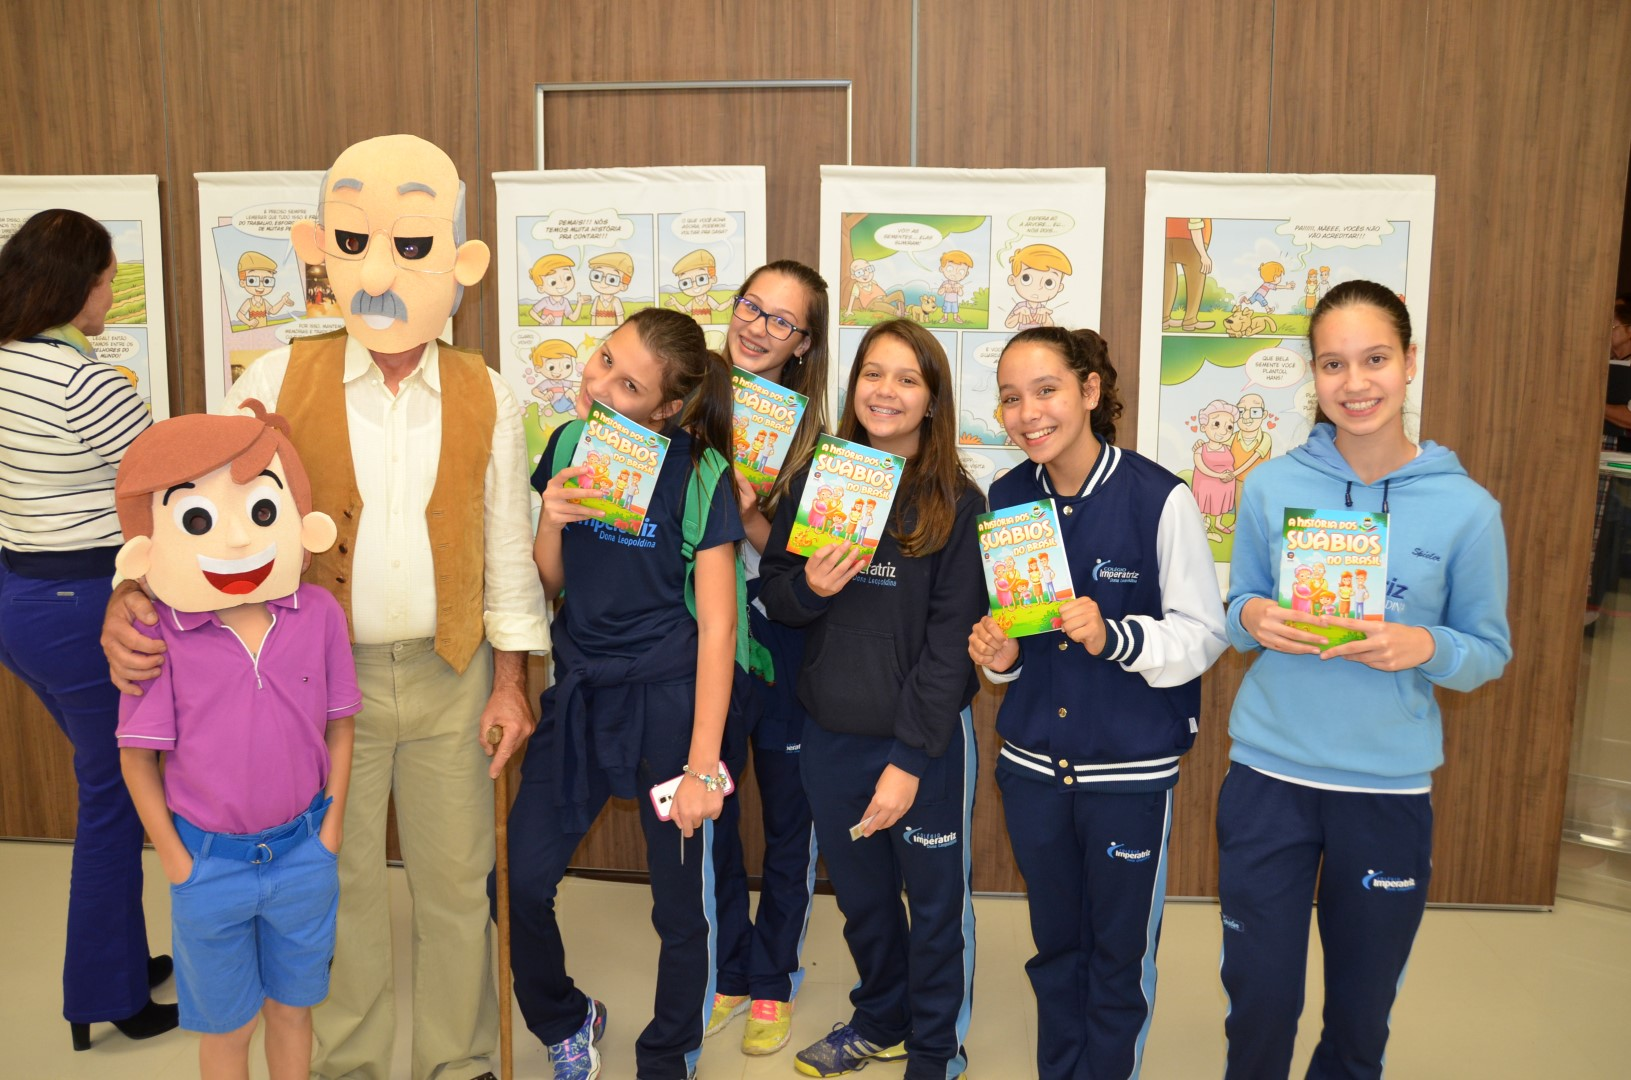 Lançamento da revista em quadrinhos: A história dos Suábios no Brasil - 16/05/16Lançamento da revista em quadrinhos: A história dos Suábios no Brasil - 16/05/16